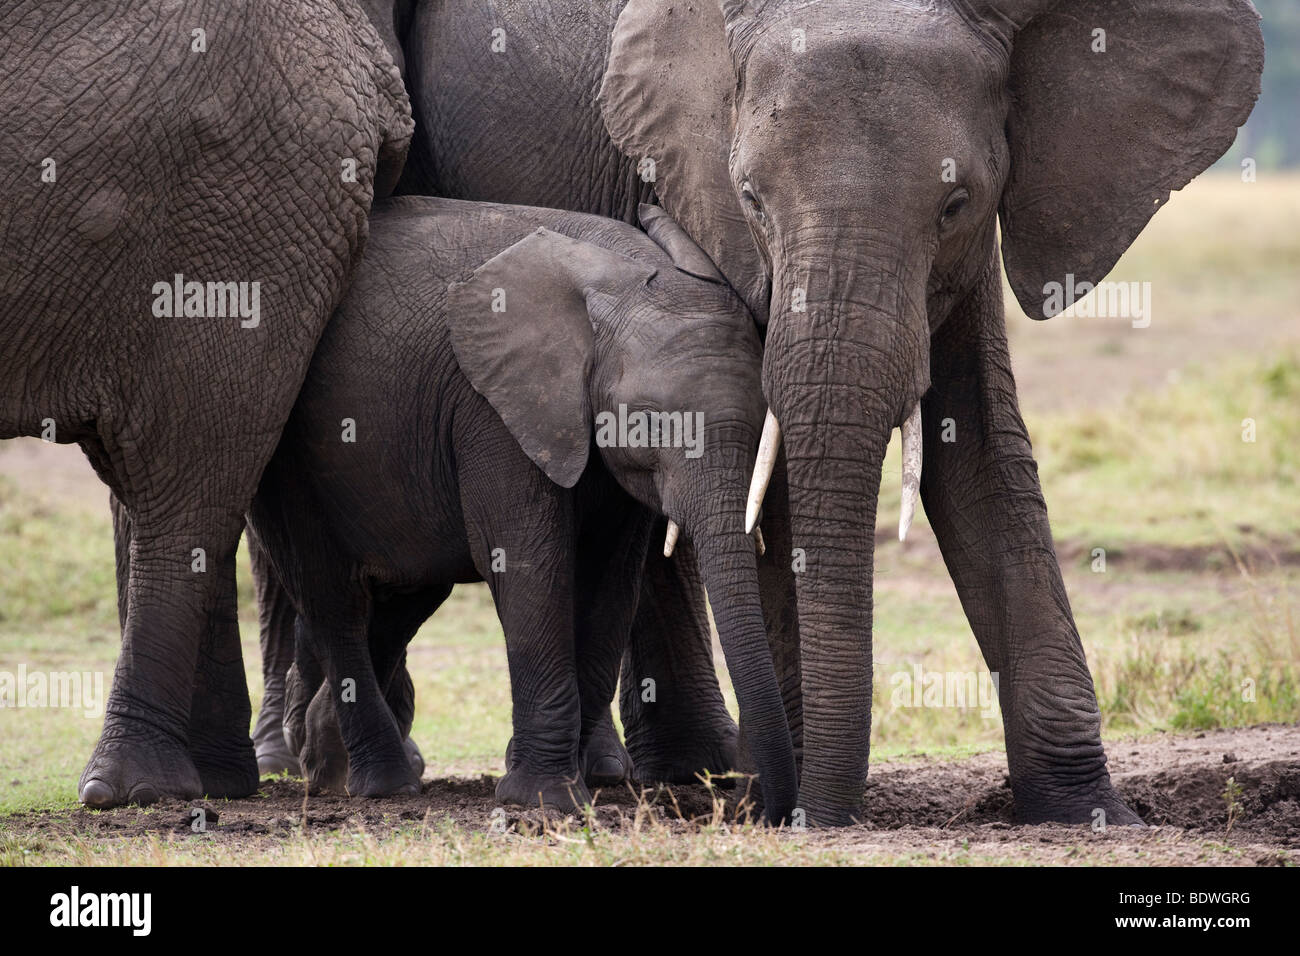 Le bébé et la mère frotte les éléphants de protection de l'éléphant d'étreindre Photo Stock